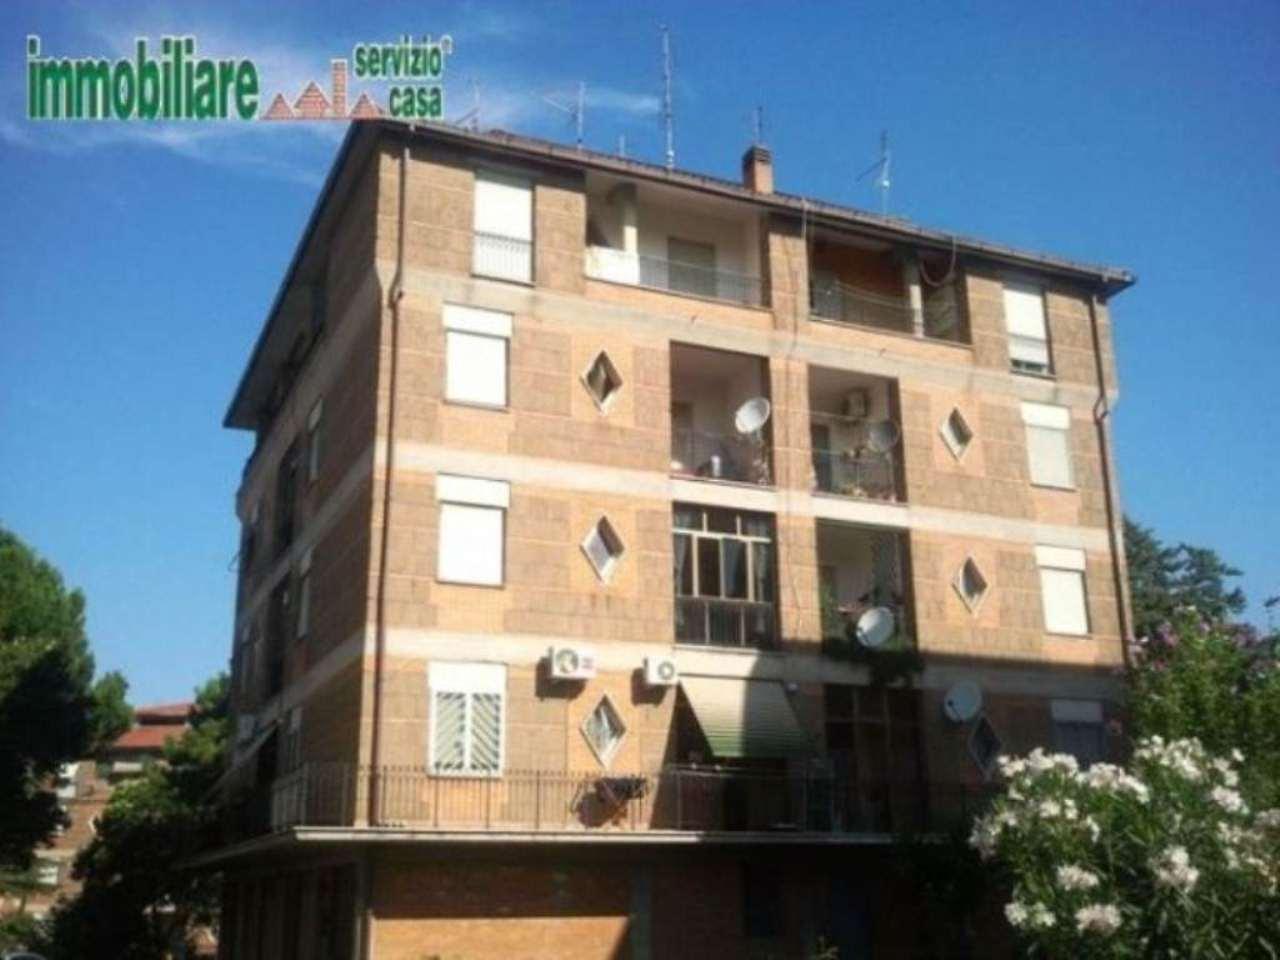 Attico / Mansarda in vendita a Tivoli, 3 locali, prezzo € 105.000 | Cambio Casa.it